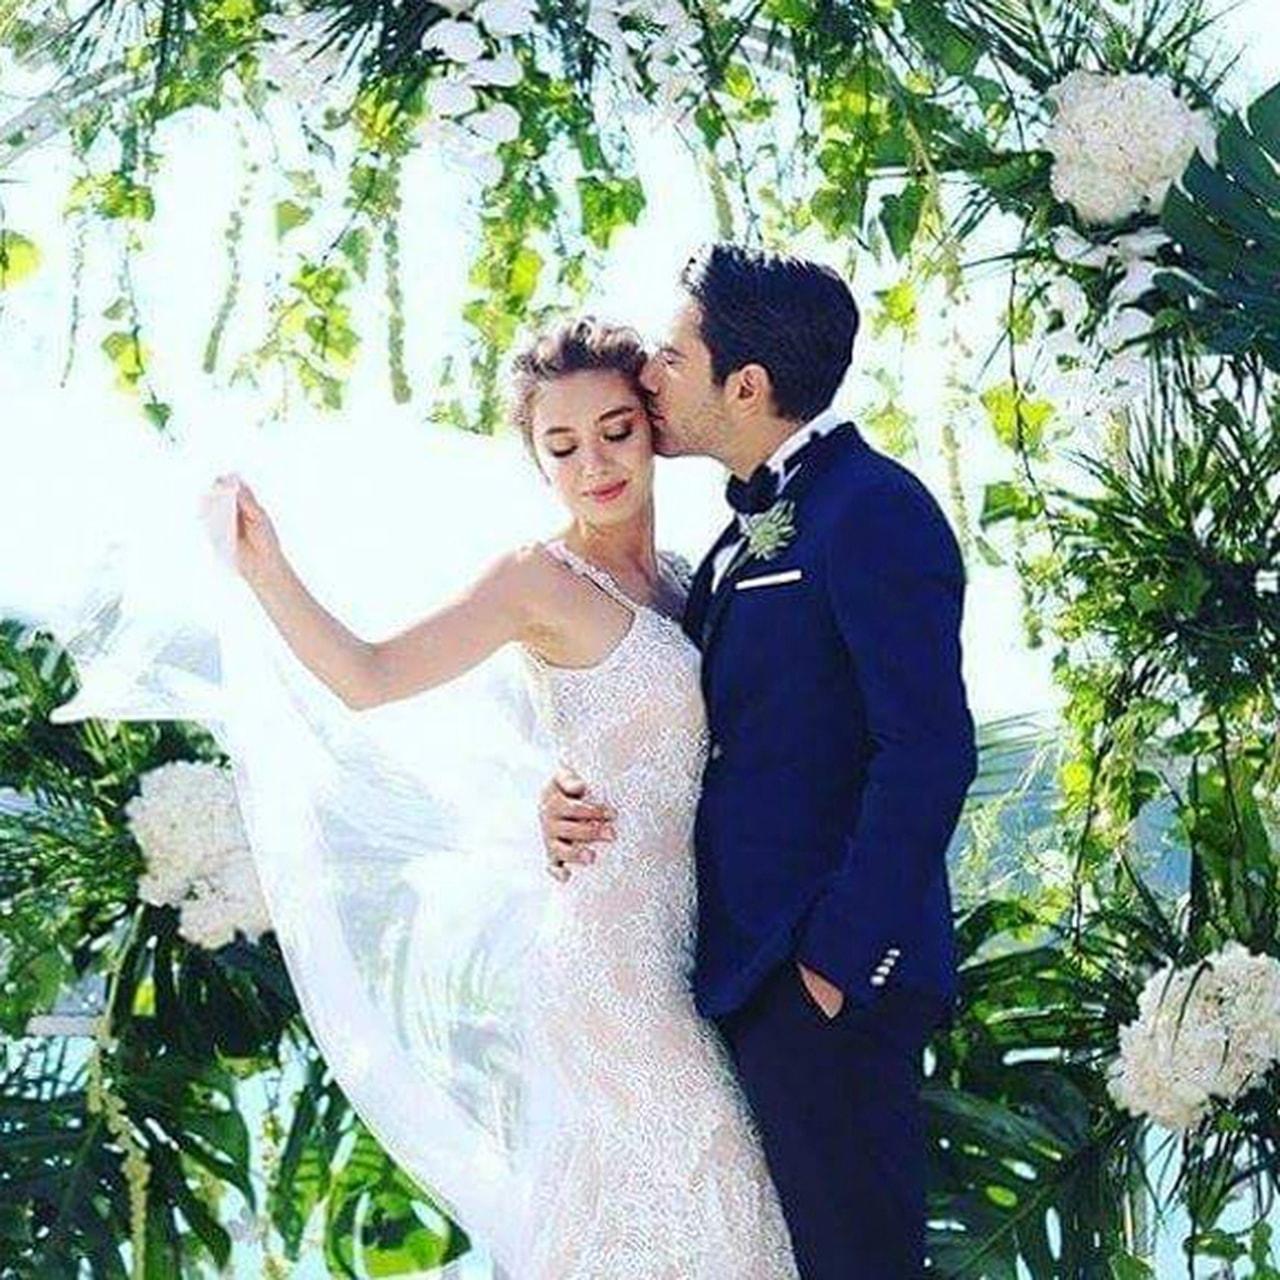 بالصور صور عرسان حلوه , اجمل صور للعروسين 3522